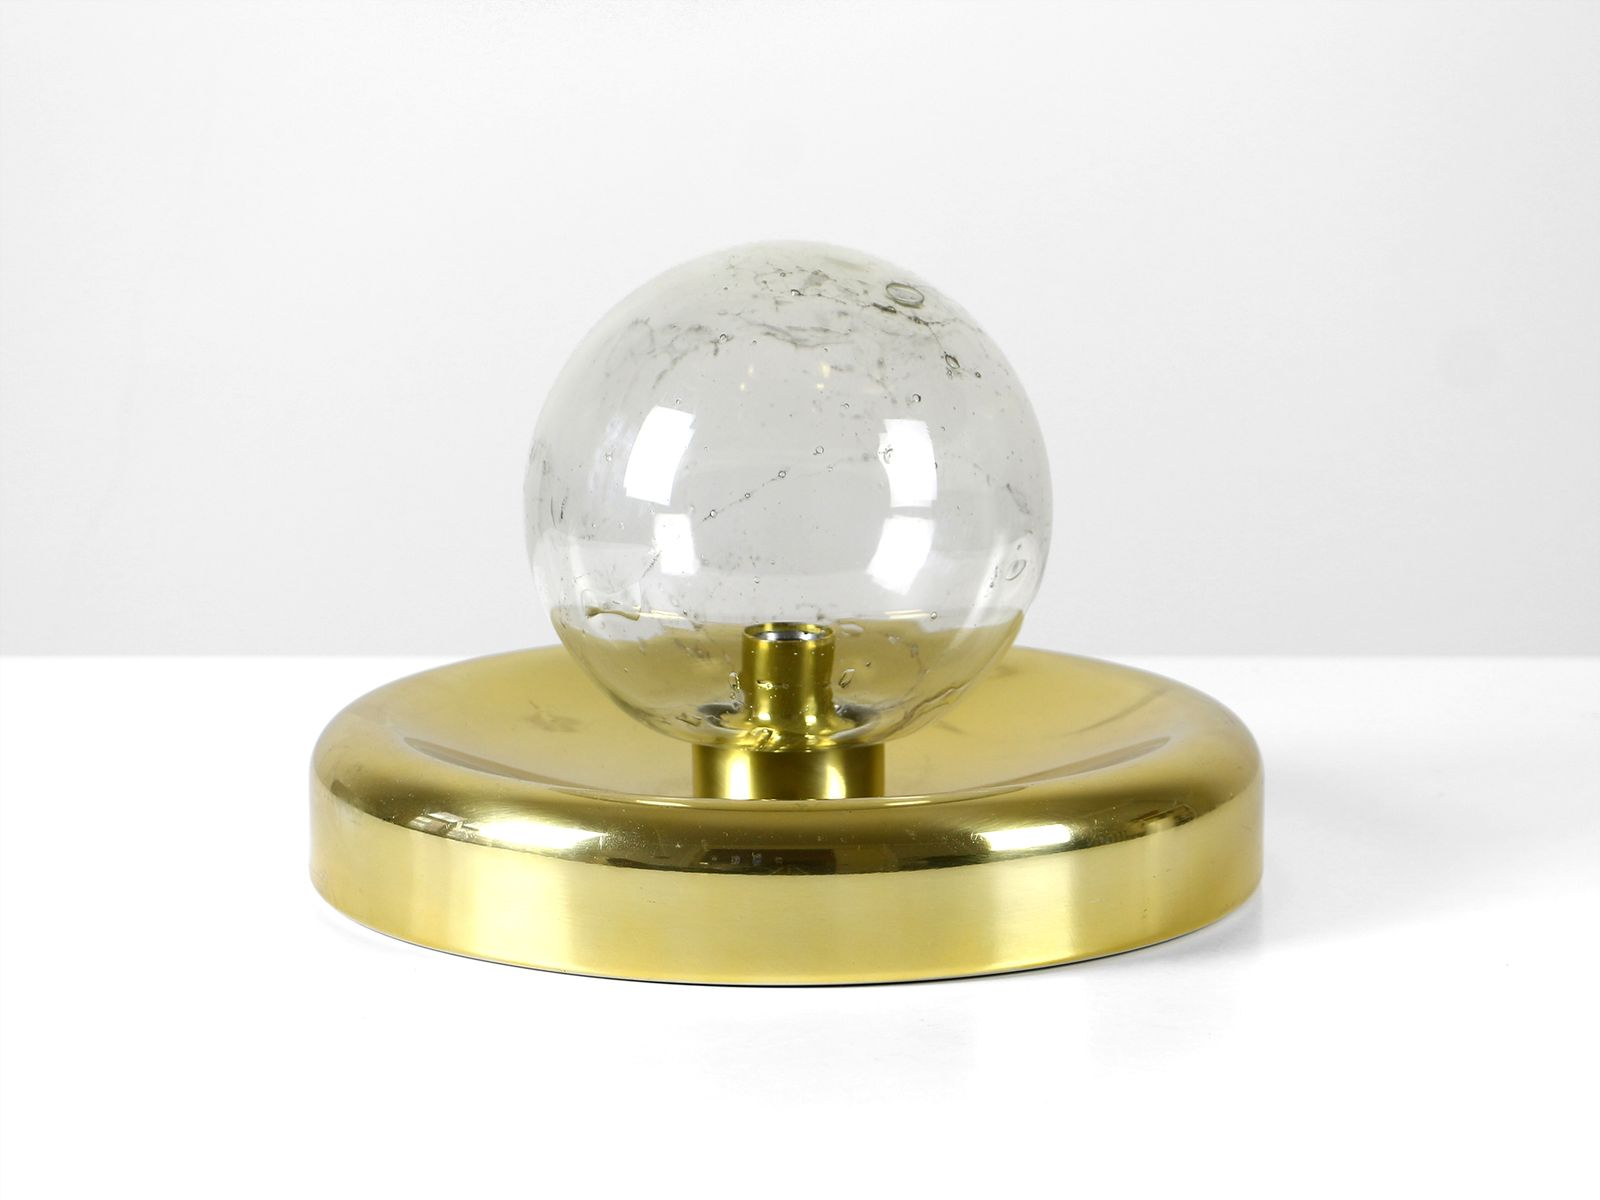 Tischlampe aus Sideglas und Messing von Doria Leuchten, 1960er